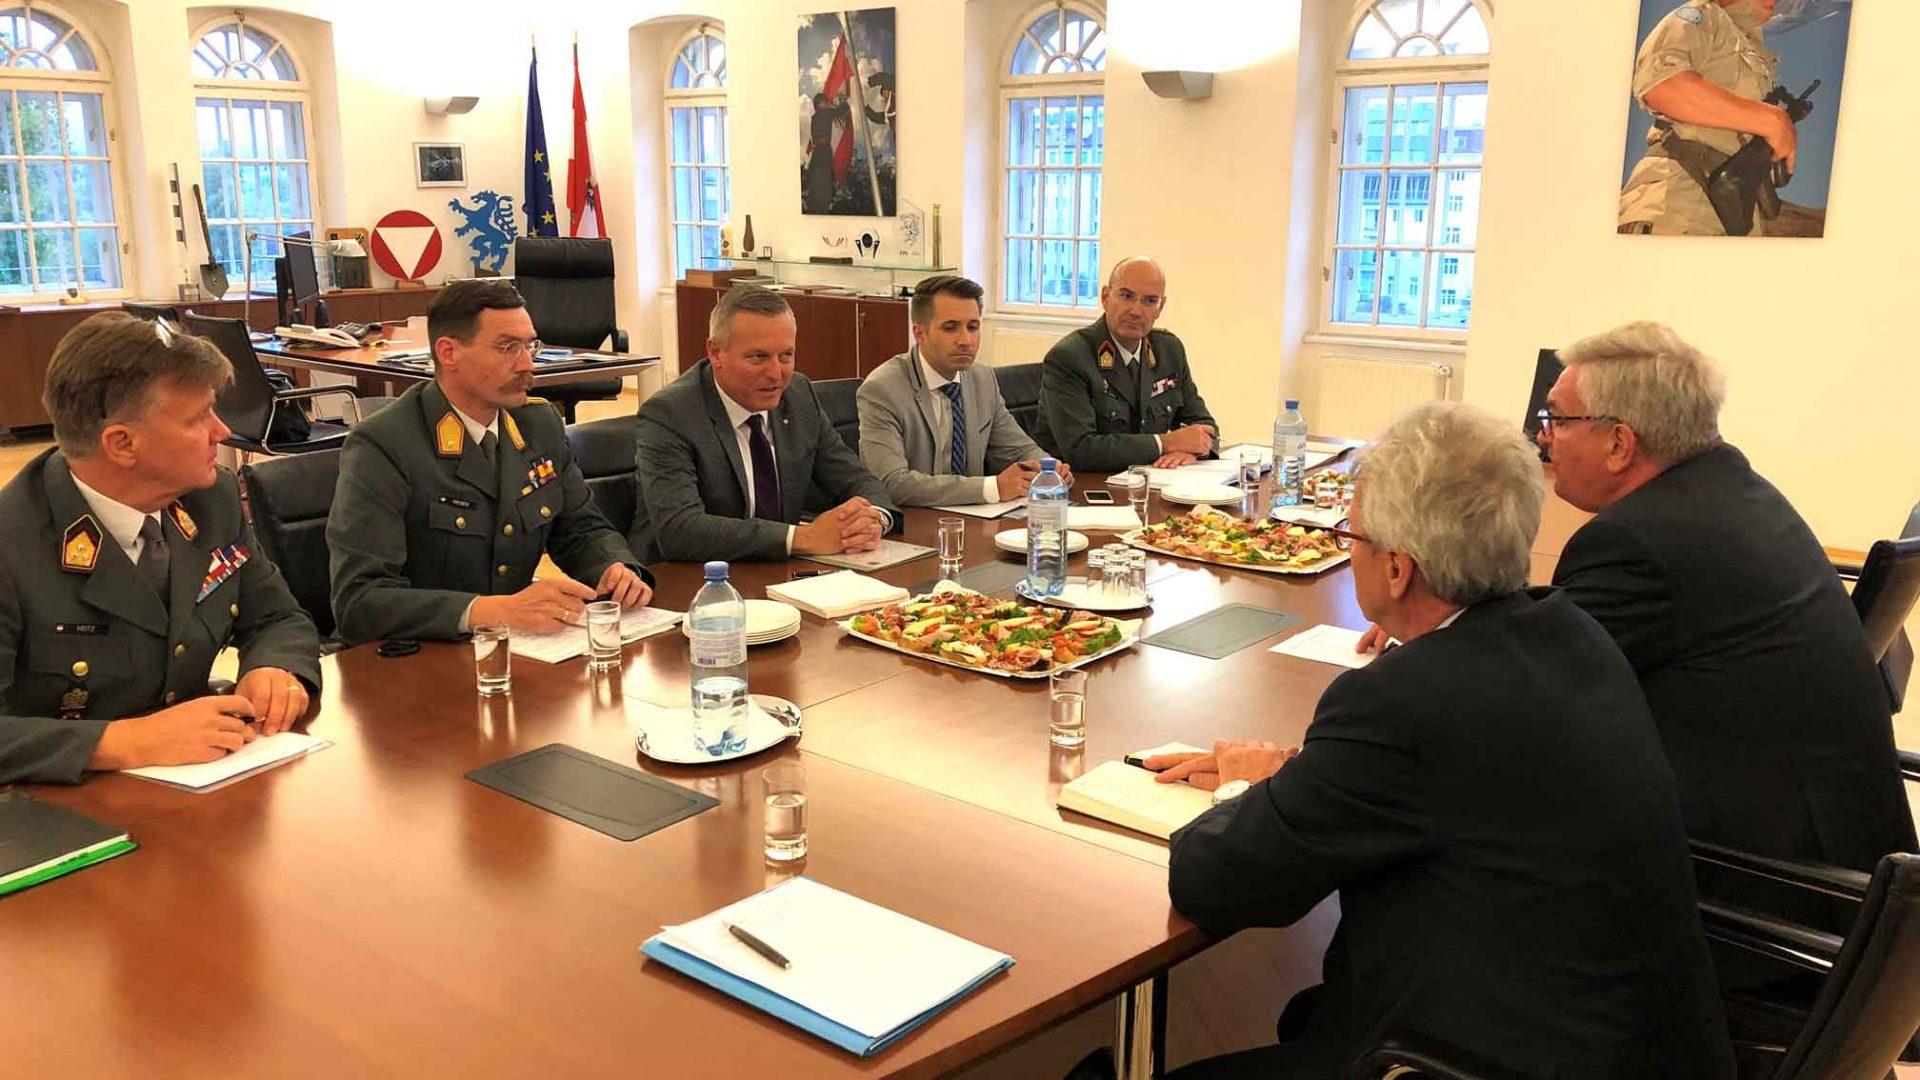 Verteidigungsminister Mario Kunasek möchte die Kooperation mit den Bürgermeistern stärken. ©Gemeindebund